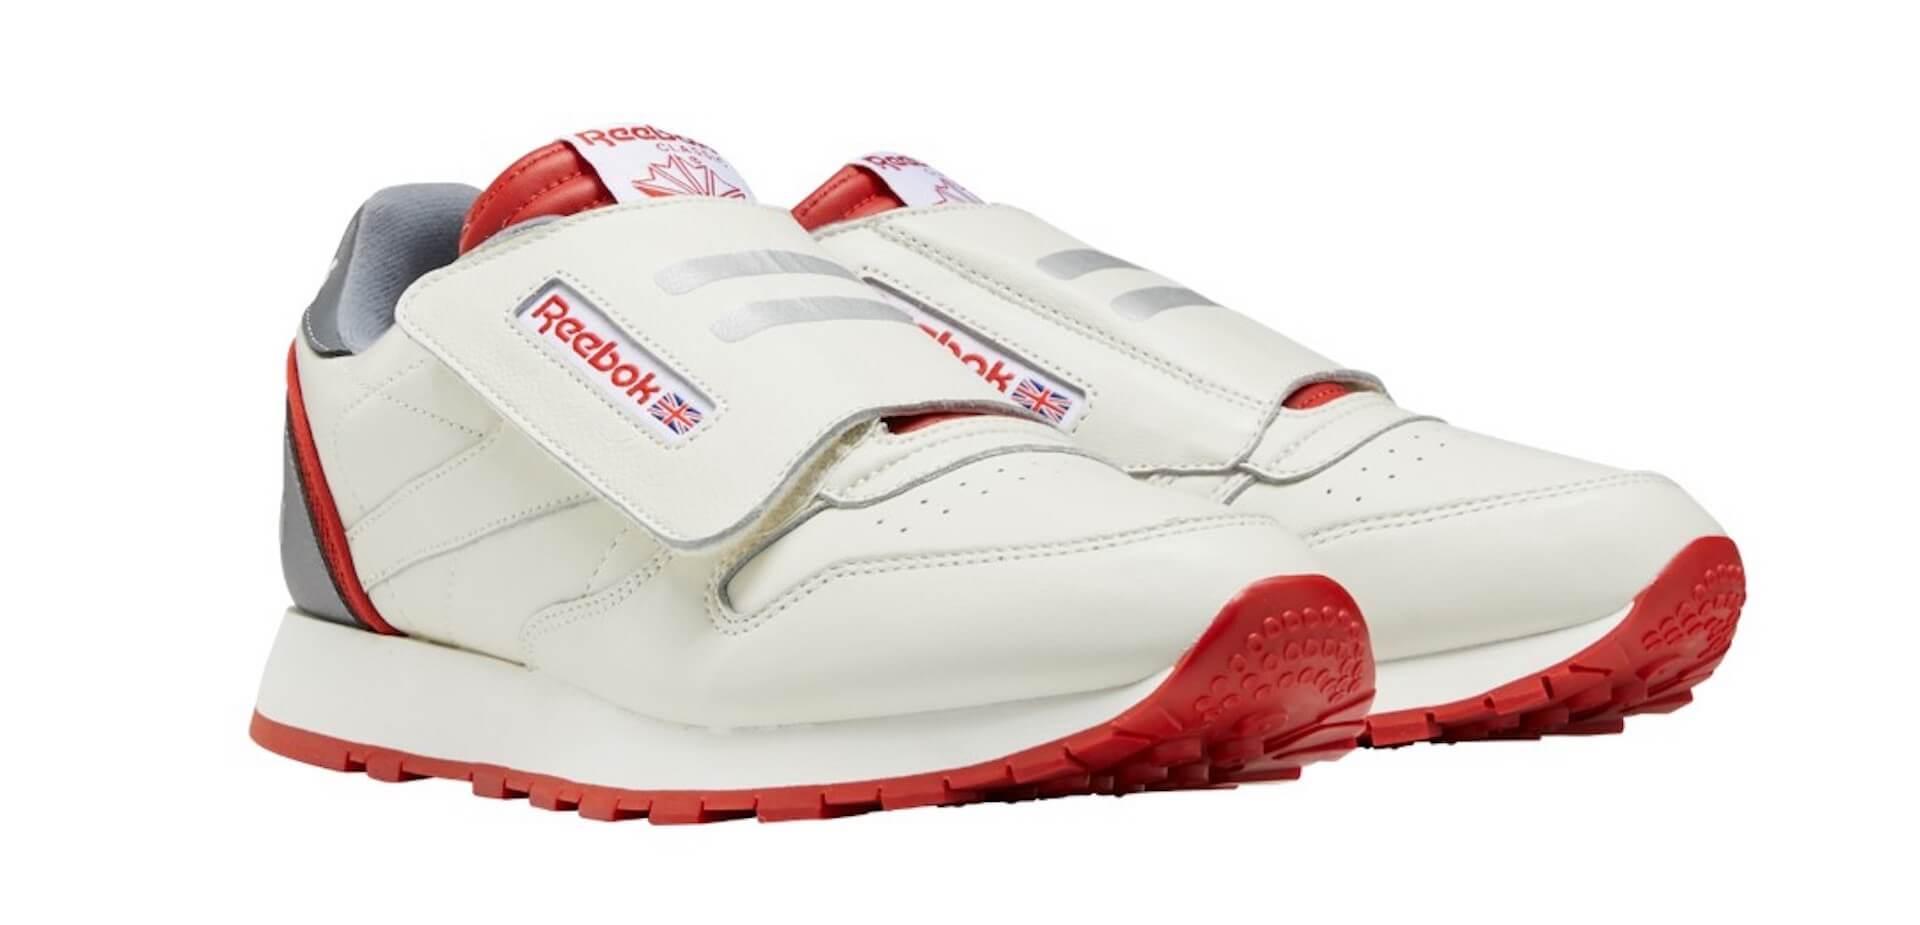 映画『エイリアン』にも登場したモデルのデザインを踏襲したReebokのアイコニックモデル「CL LEATHER STOMPER」が登場 life200413_reebok_shoes_2